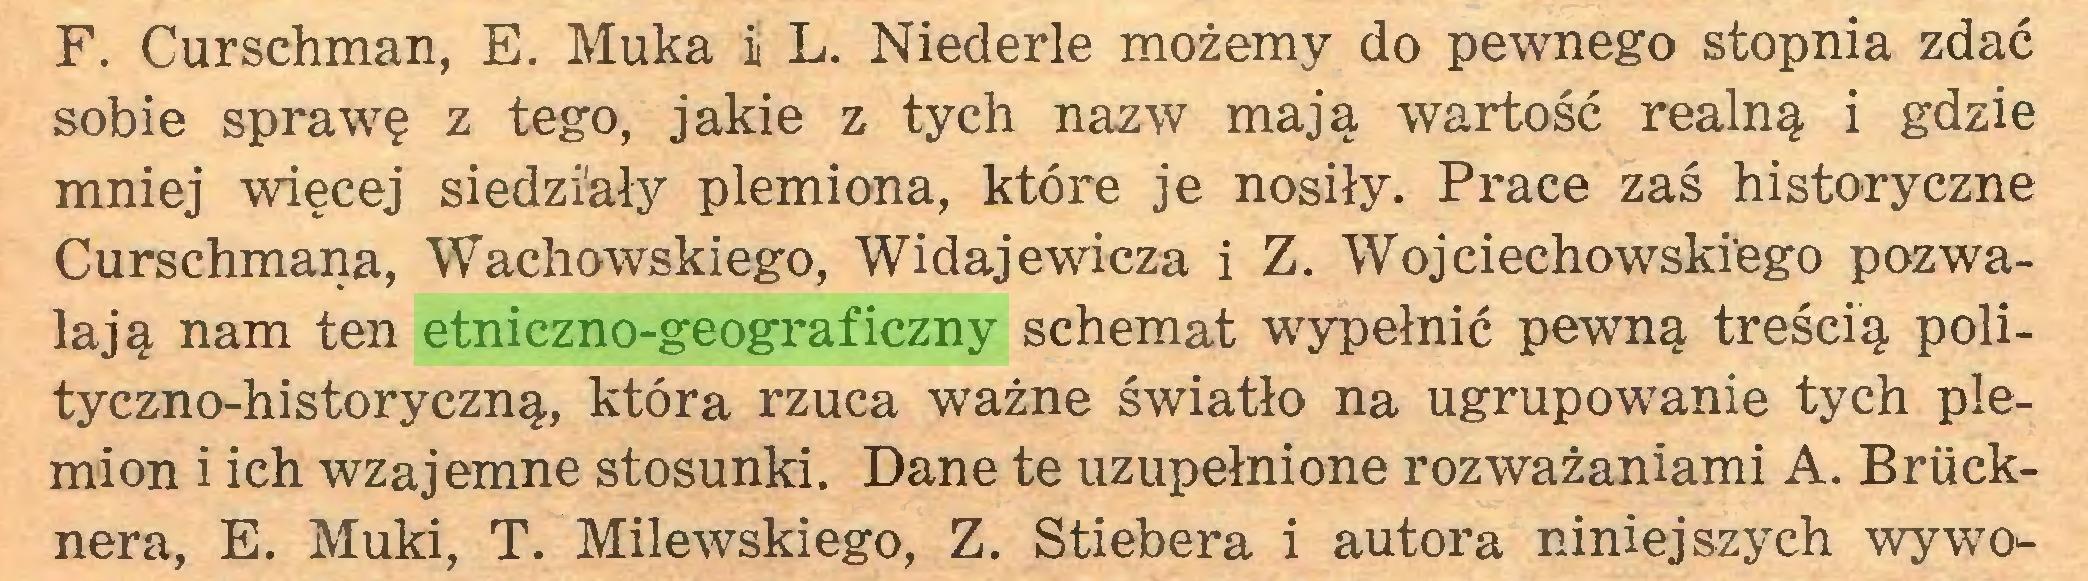 (...) F. Curschman, E. Muka ii L. Niederle możemy do pewnego stopnia zdać sobie sprawę z tego, jakie z tych nazw mają wartość realną i gdzie mniej więcej siedziały plemiona, które je nosiły. Prace zaś historyczne Curschmana, Wachowskiego, Widajewicza i Z. Wojciechowskiego pozwalają nam ten etniczno-geograficzny schemat wypełnić pewną treścią polityczno-historyczną, która rzuca ważne światło na ugrupowanie tych plemion i ich wzajemne stosunki. Dane te uzupełnione rozważaniami A. Brucknera, E. Muki, T. Milewskiego, Z. Stiebera i autora niniejszych wywo...